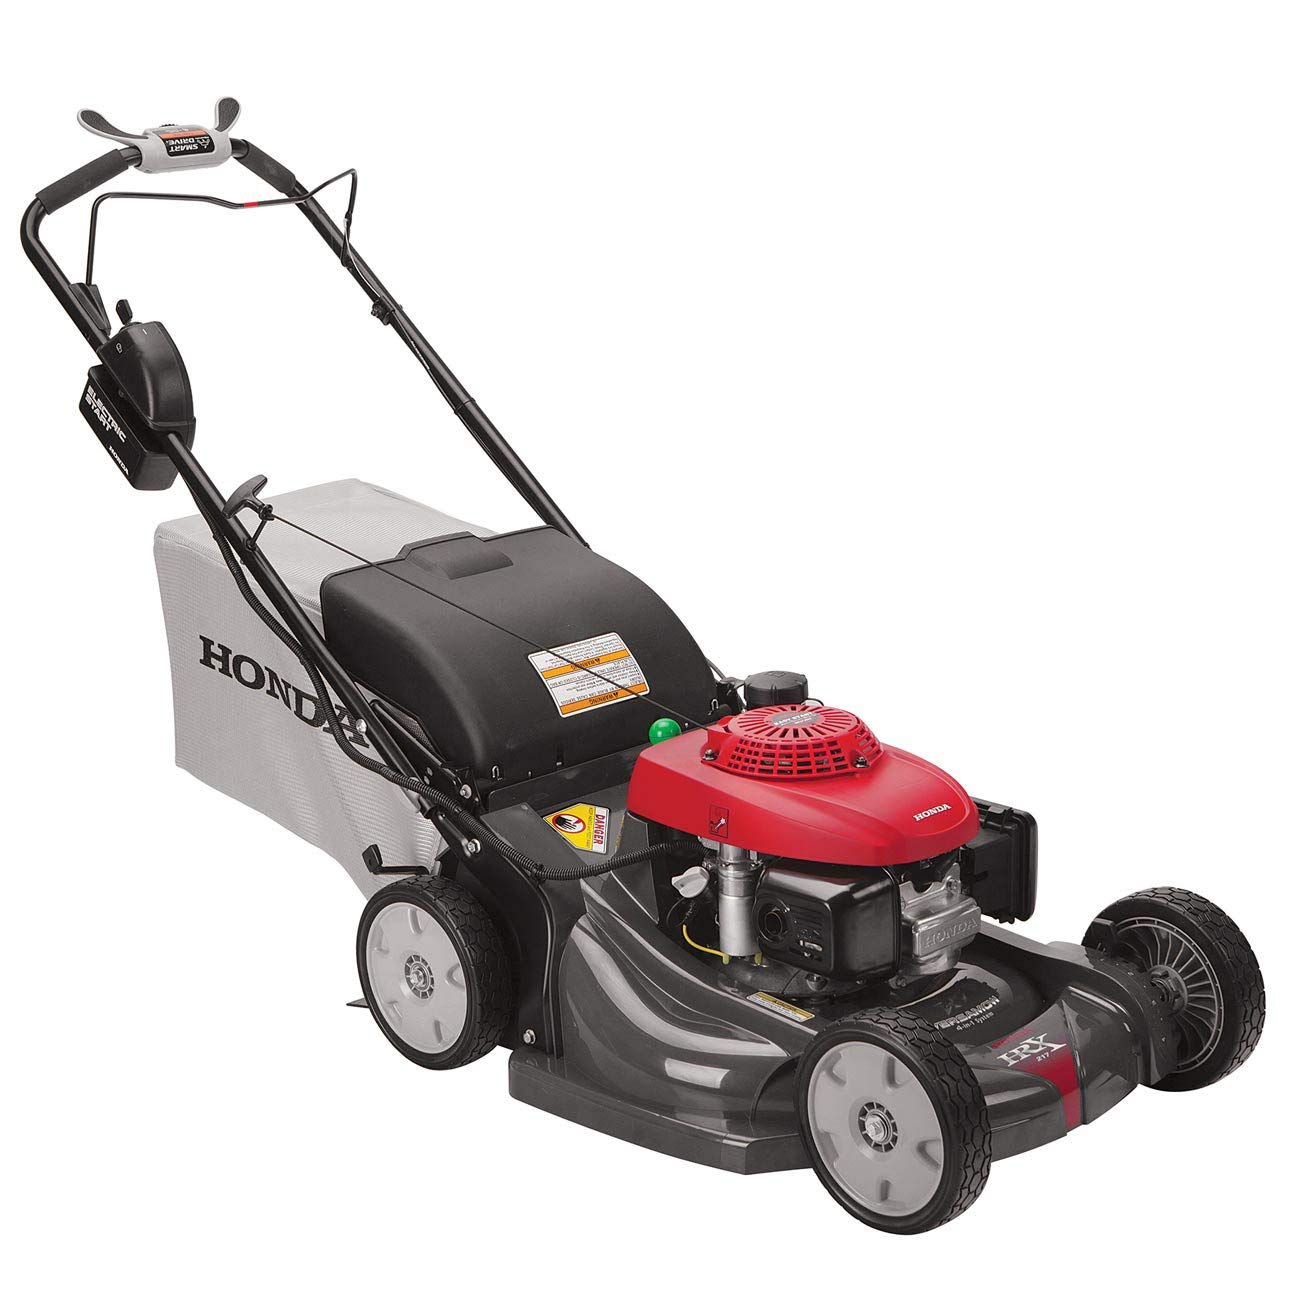 Craftman -Top Lawn Mowers